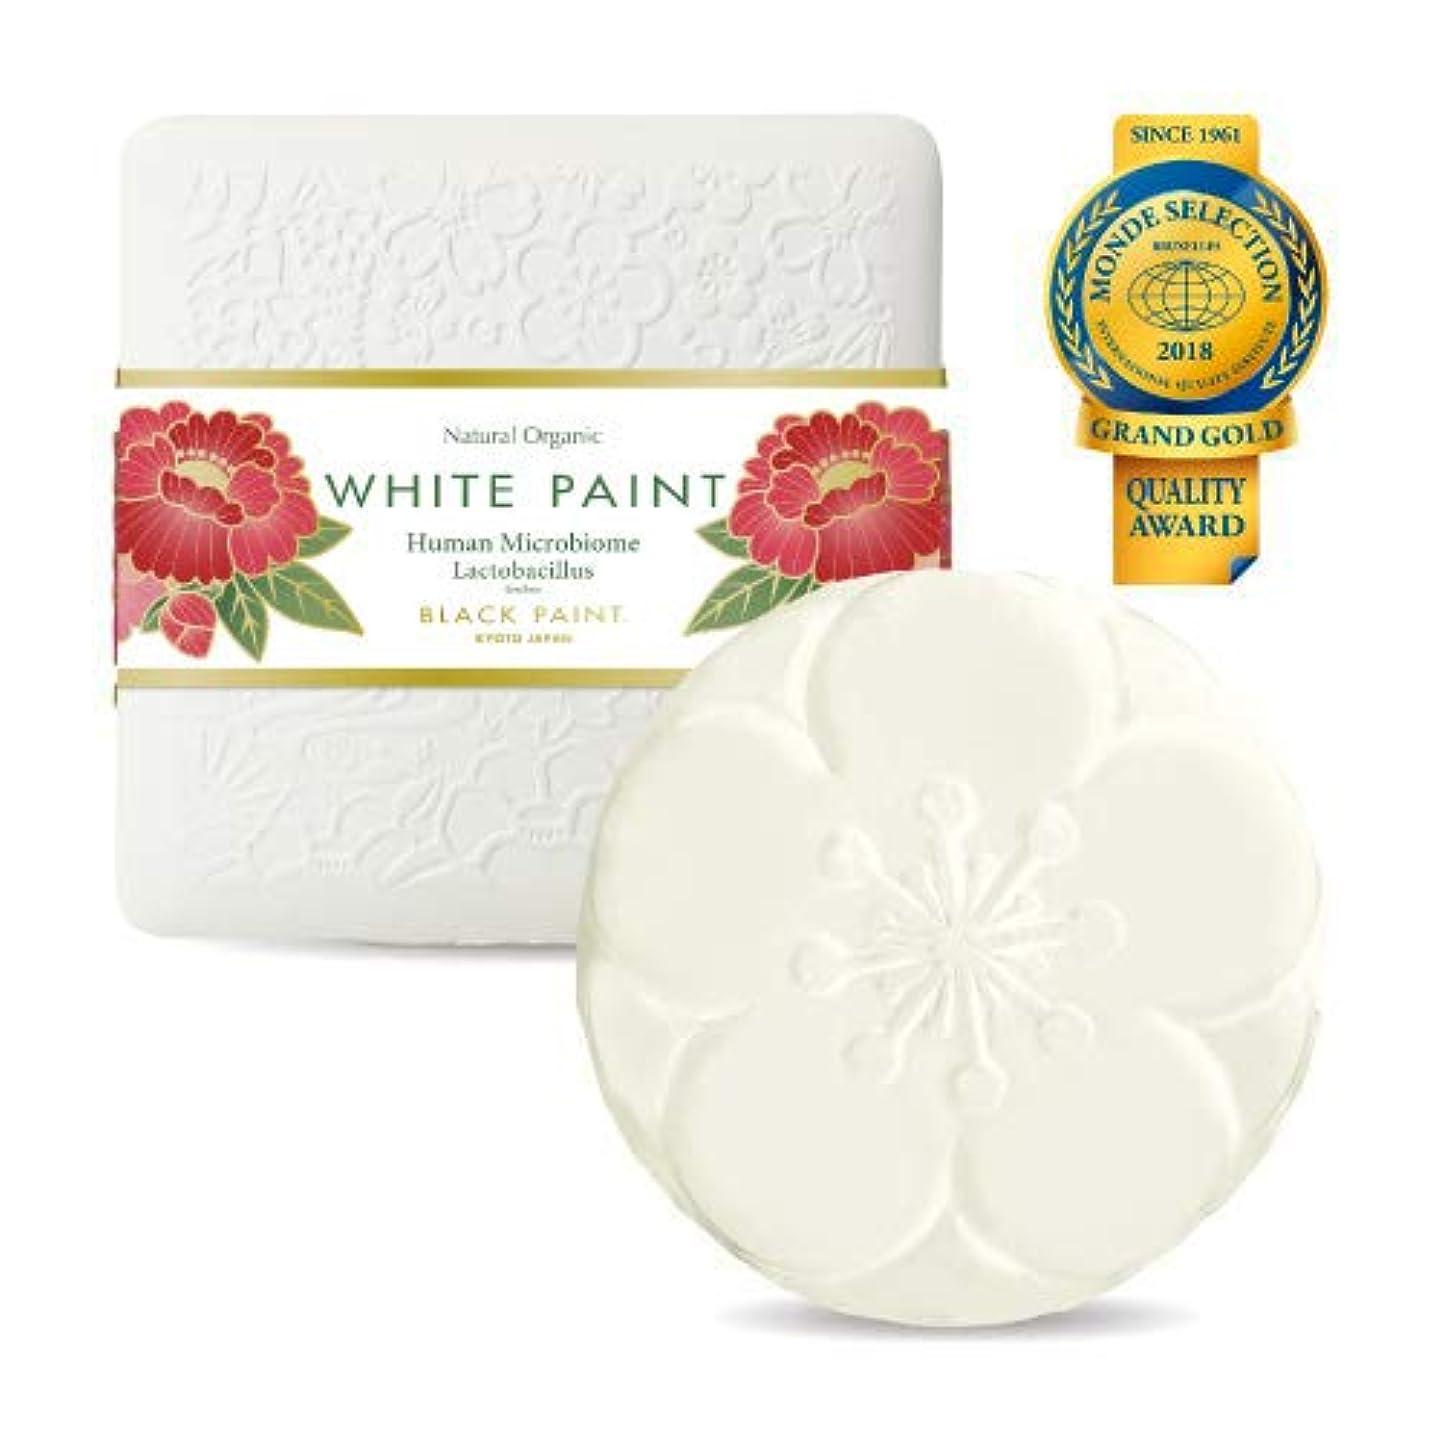 お願いします敬意を表する士気乳酸菌入り プレミアム ホワイトペイント 60g ハーフサイズ 塗る洗顔 石鹸 無添加 国産 …